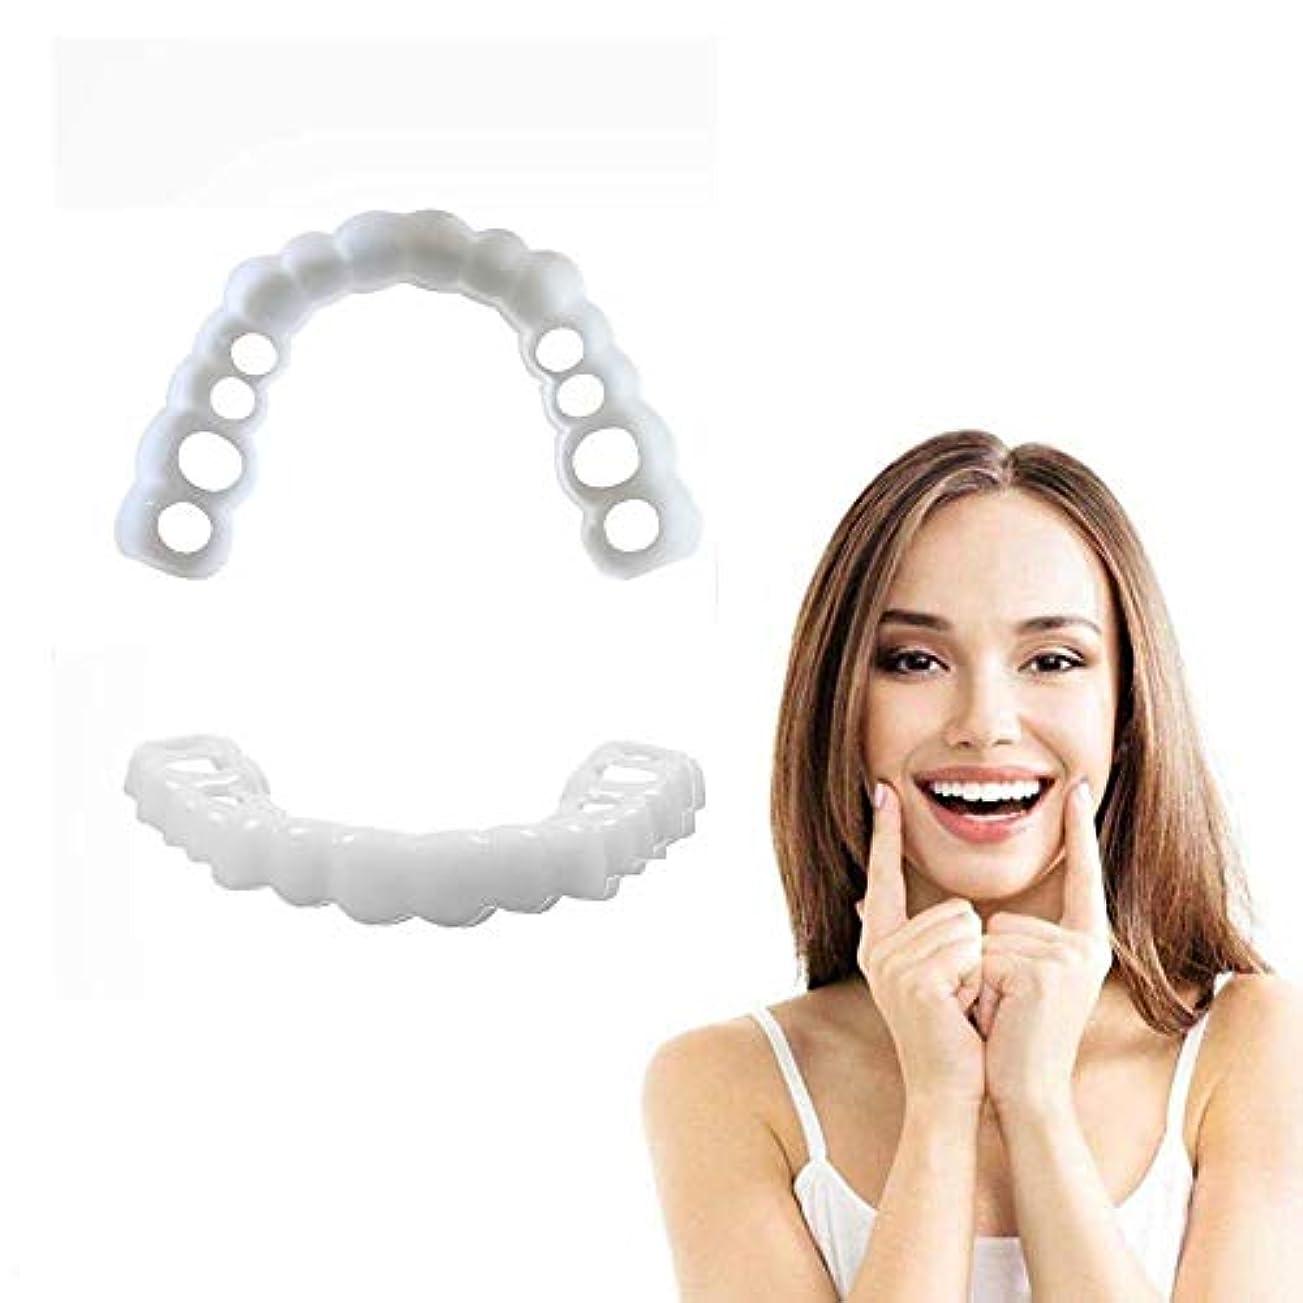 2対の歯義歯歯用化粧品テンポラリースマイルコンフォートフィット化粧品用義歯(ホワイト),7Pairs